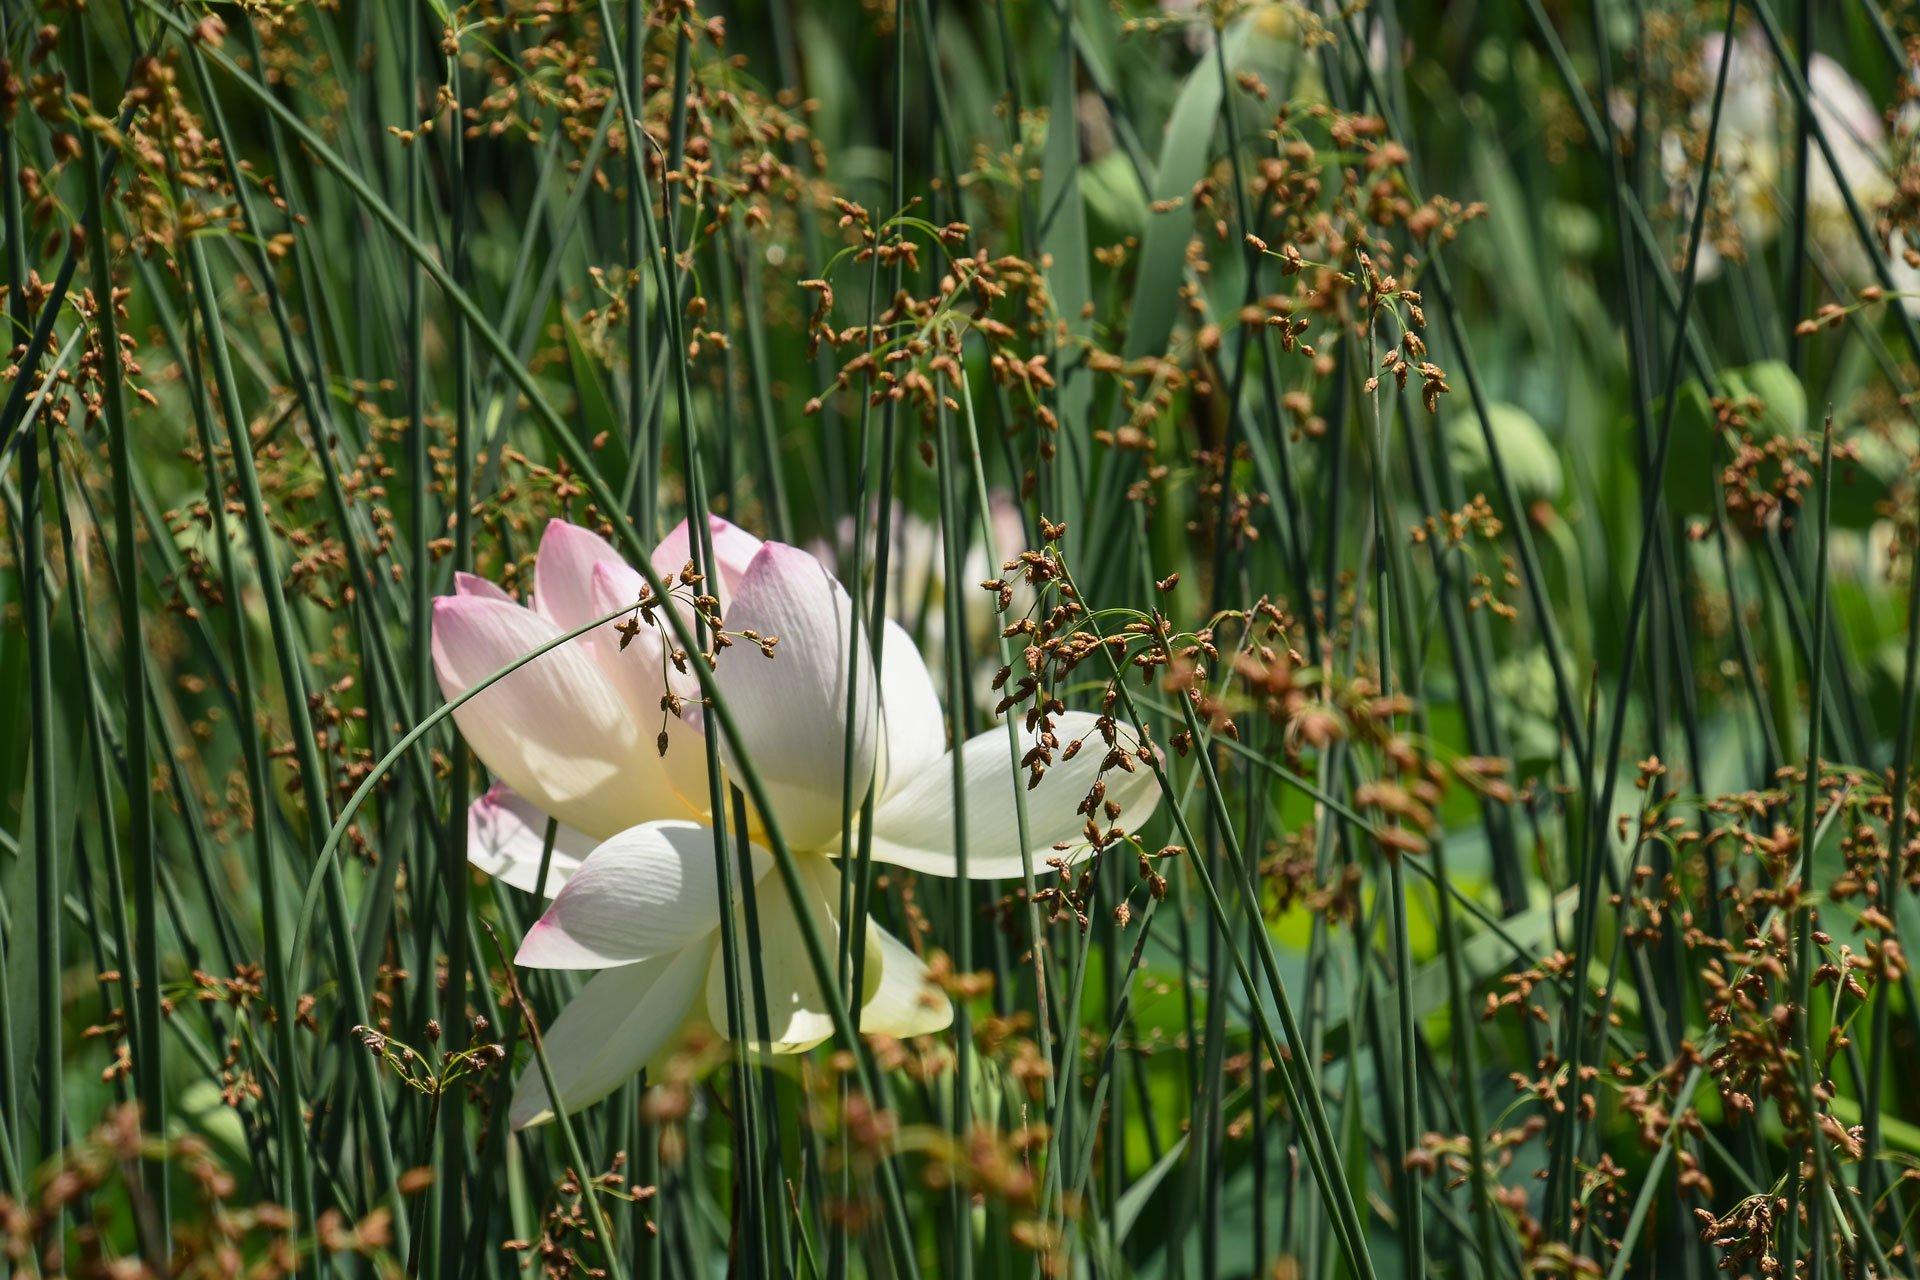 Nelumbo Lotus among the grasses